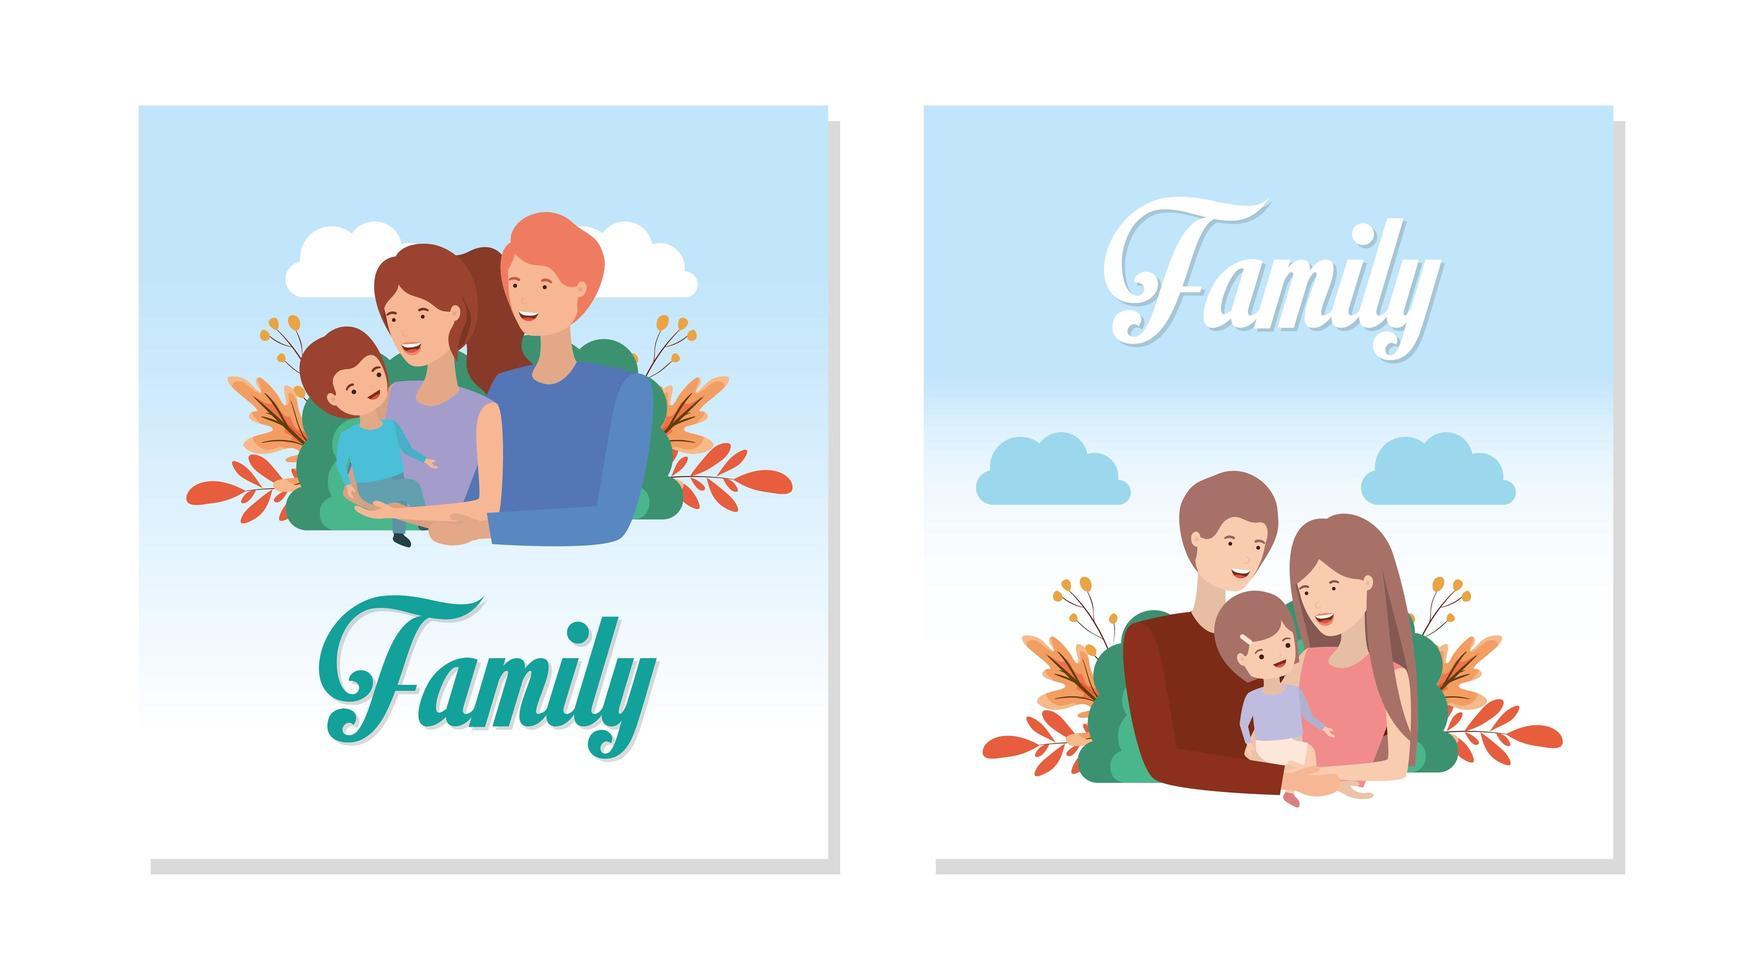 süßes und glückliches Familienset vektor